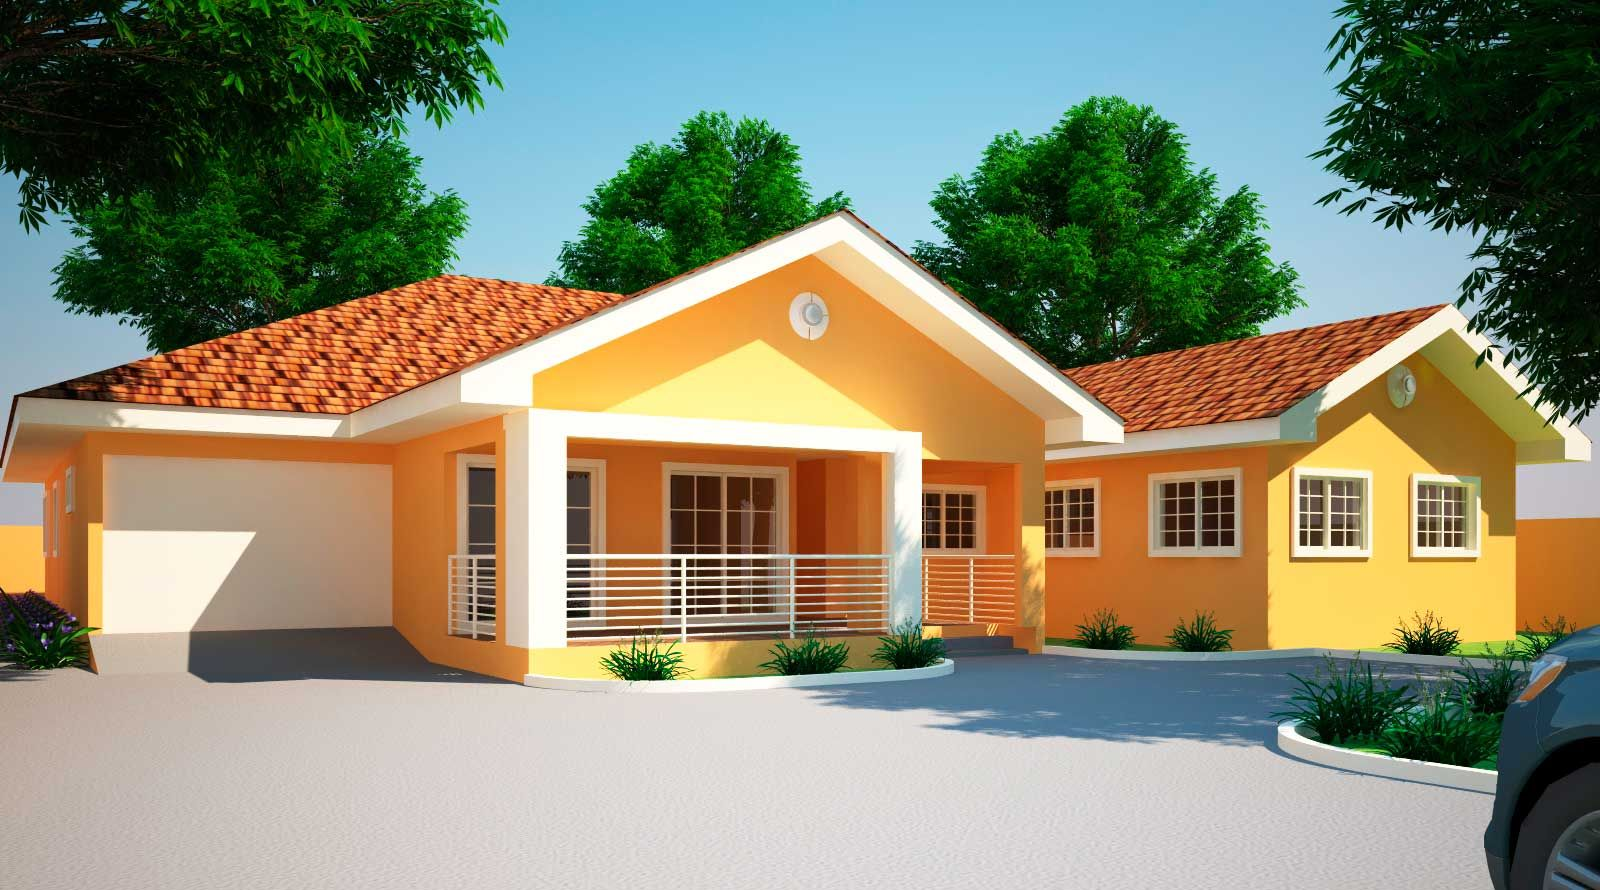 House Plans Ghana Jonat Bedroom Plan Four